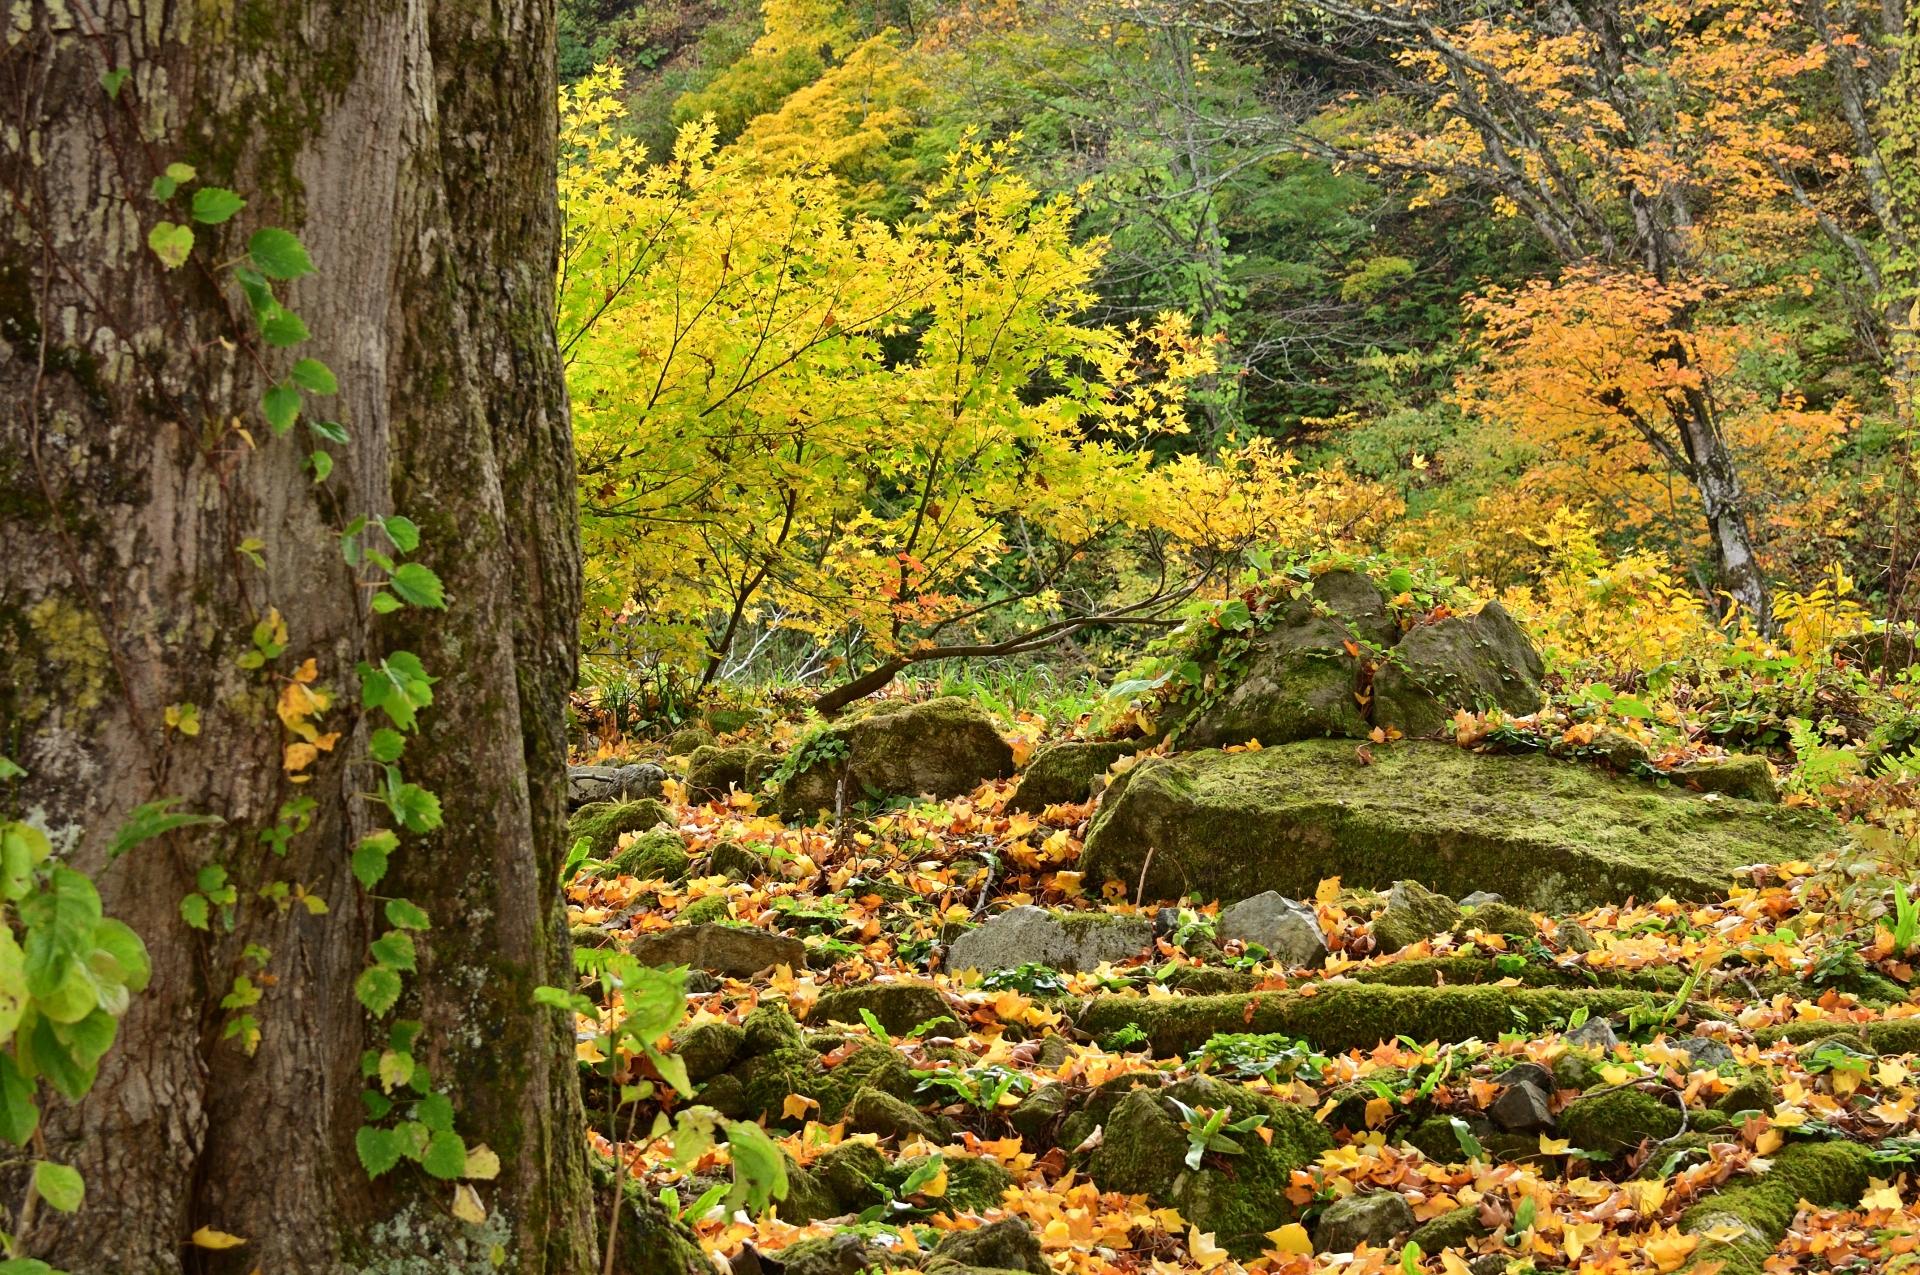 yuzawa-garden-alpine-garden